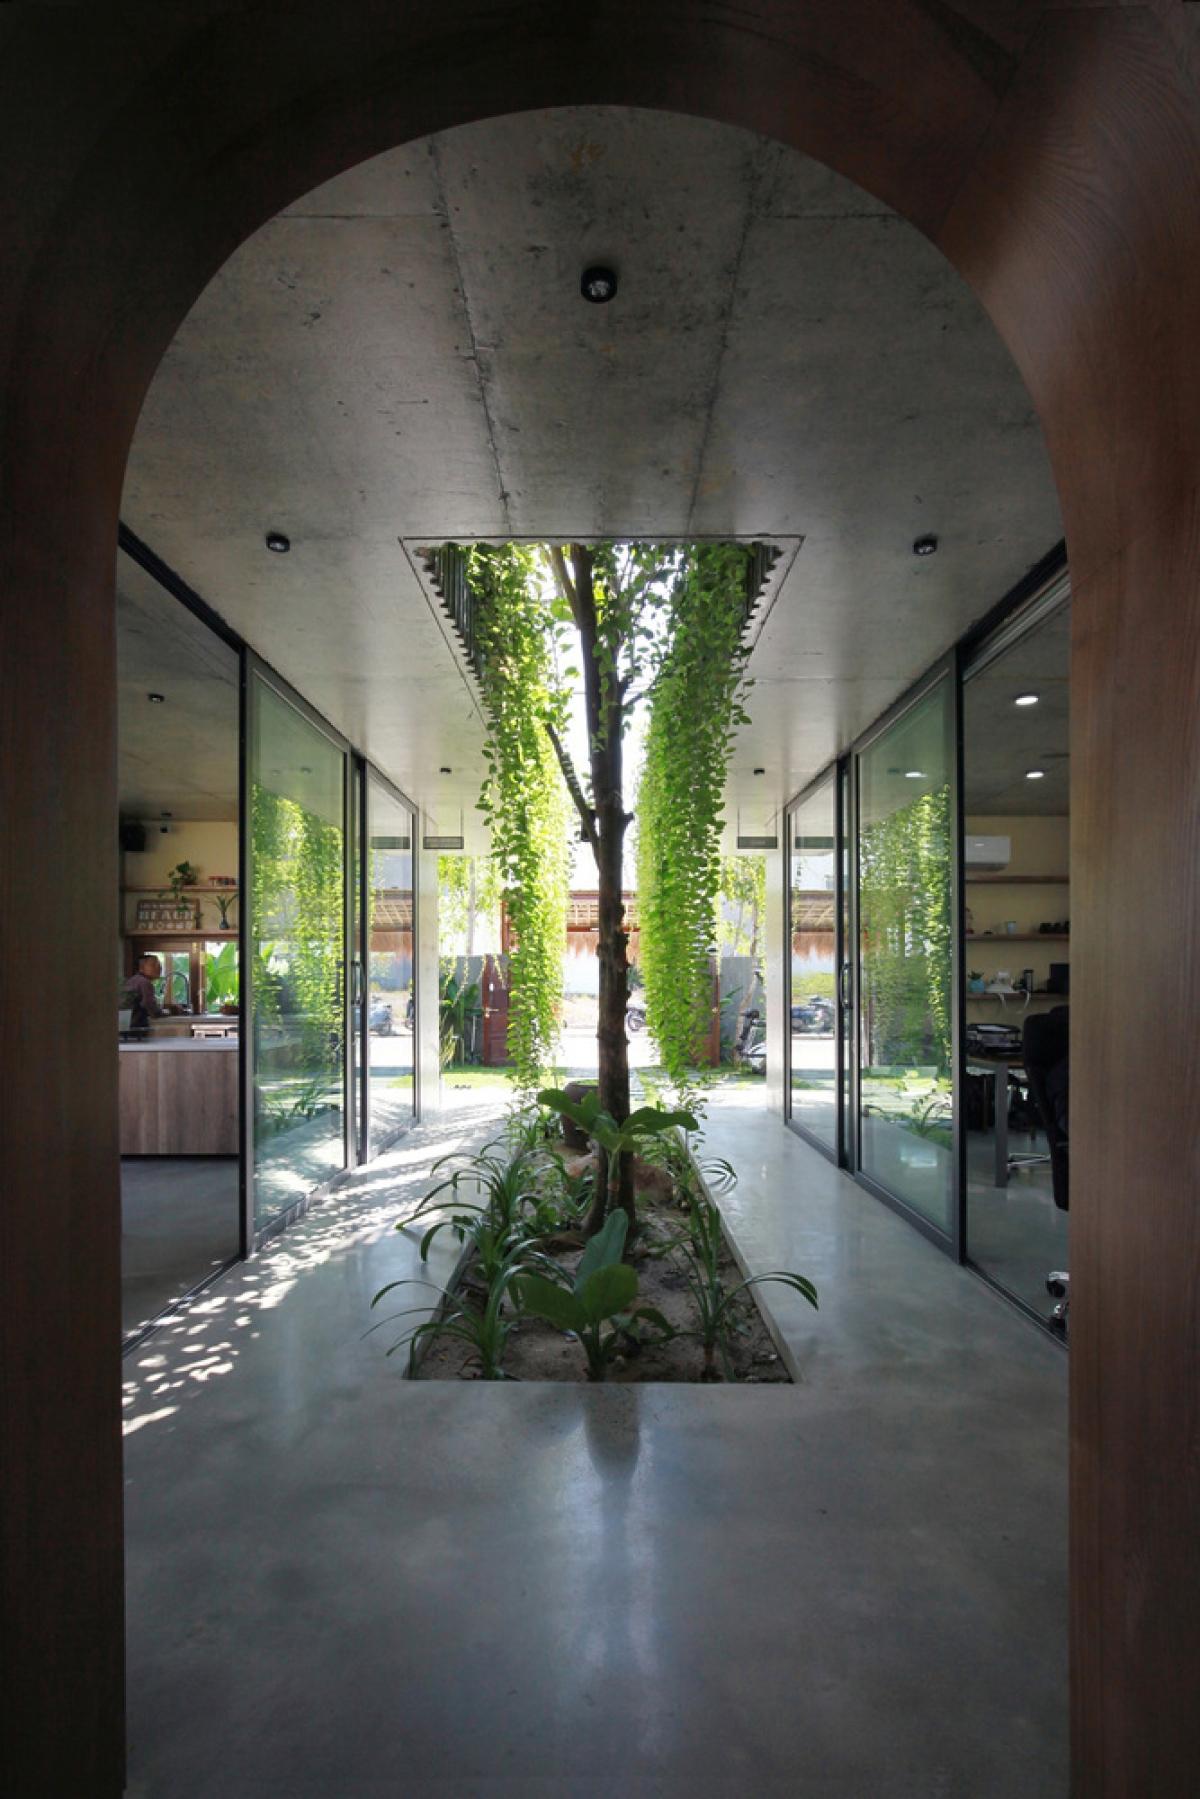 Khu vực bên trong được phân tách thành 3 khối chính gồm văn phòng, phòng khách và nơi nghỉ ngơi.